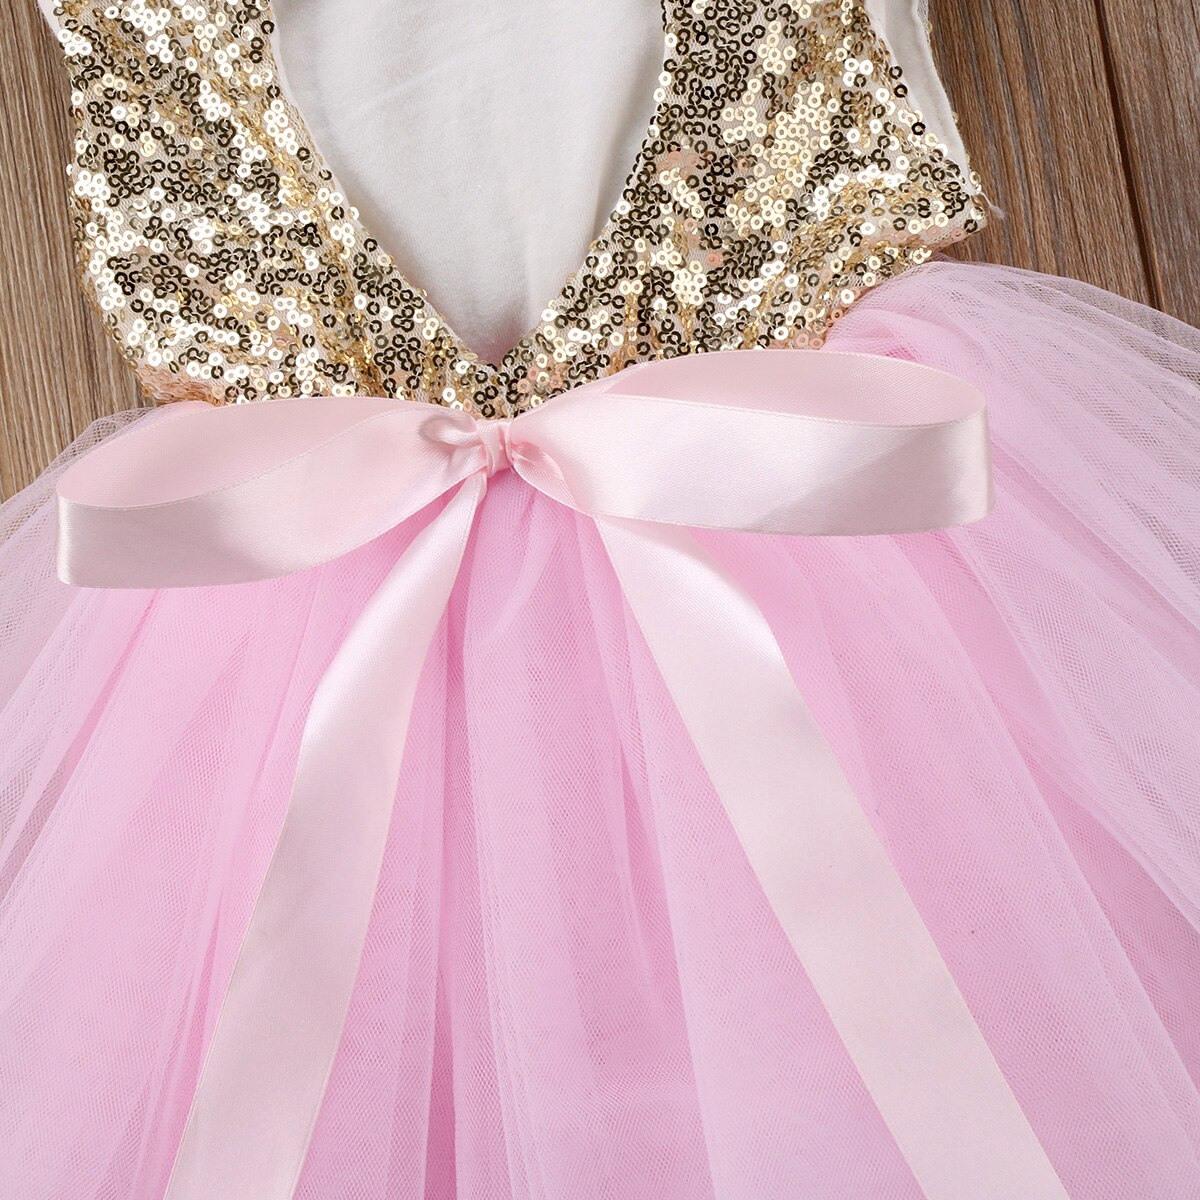 Prinzessin Kinder Baby Kleid Für Mädchen Phantasie